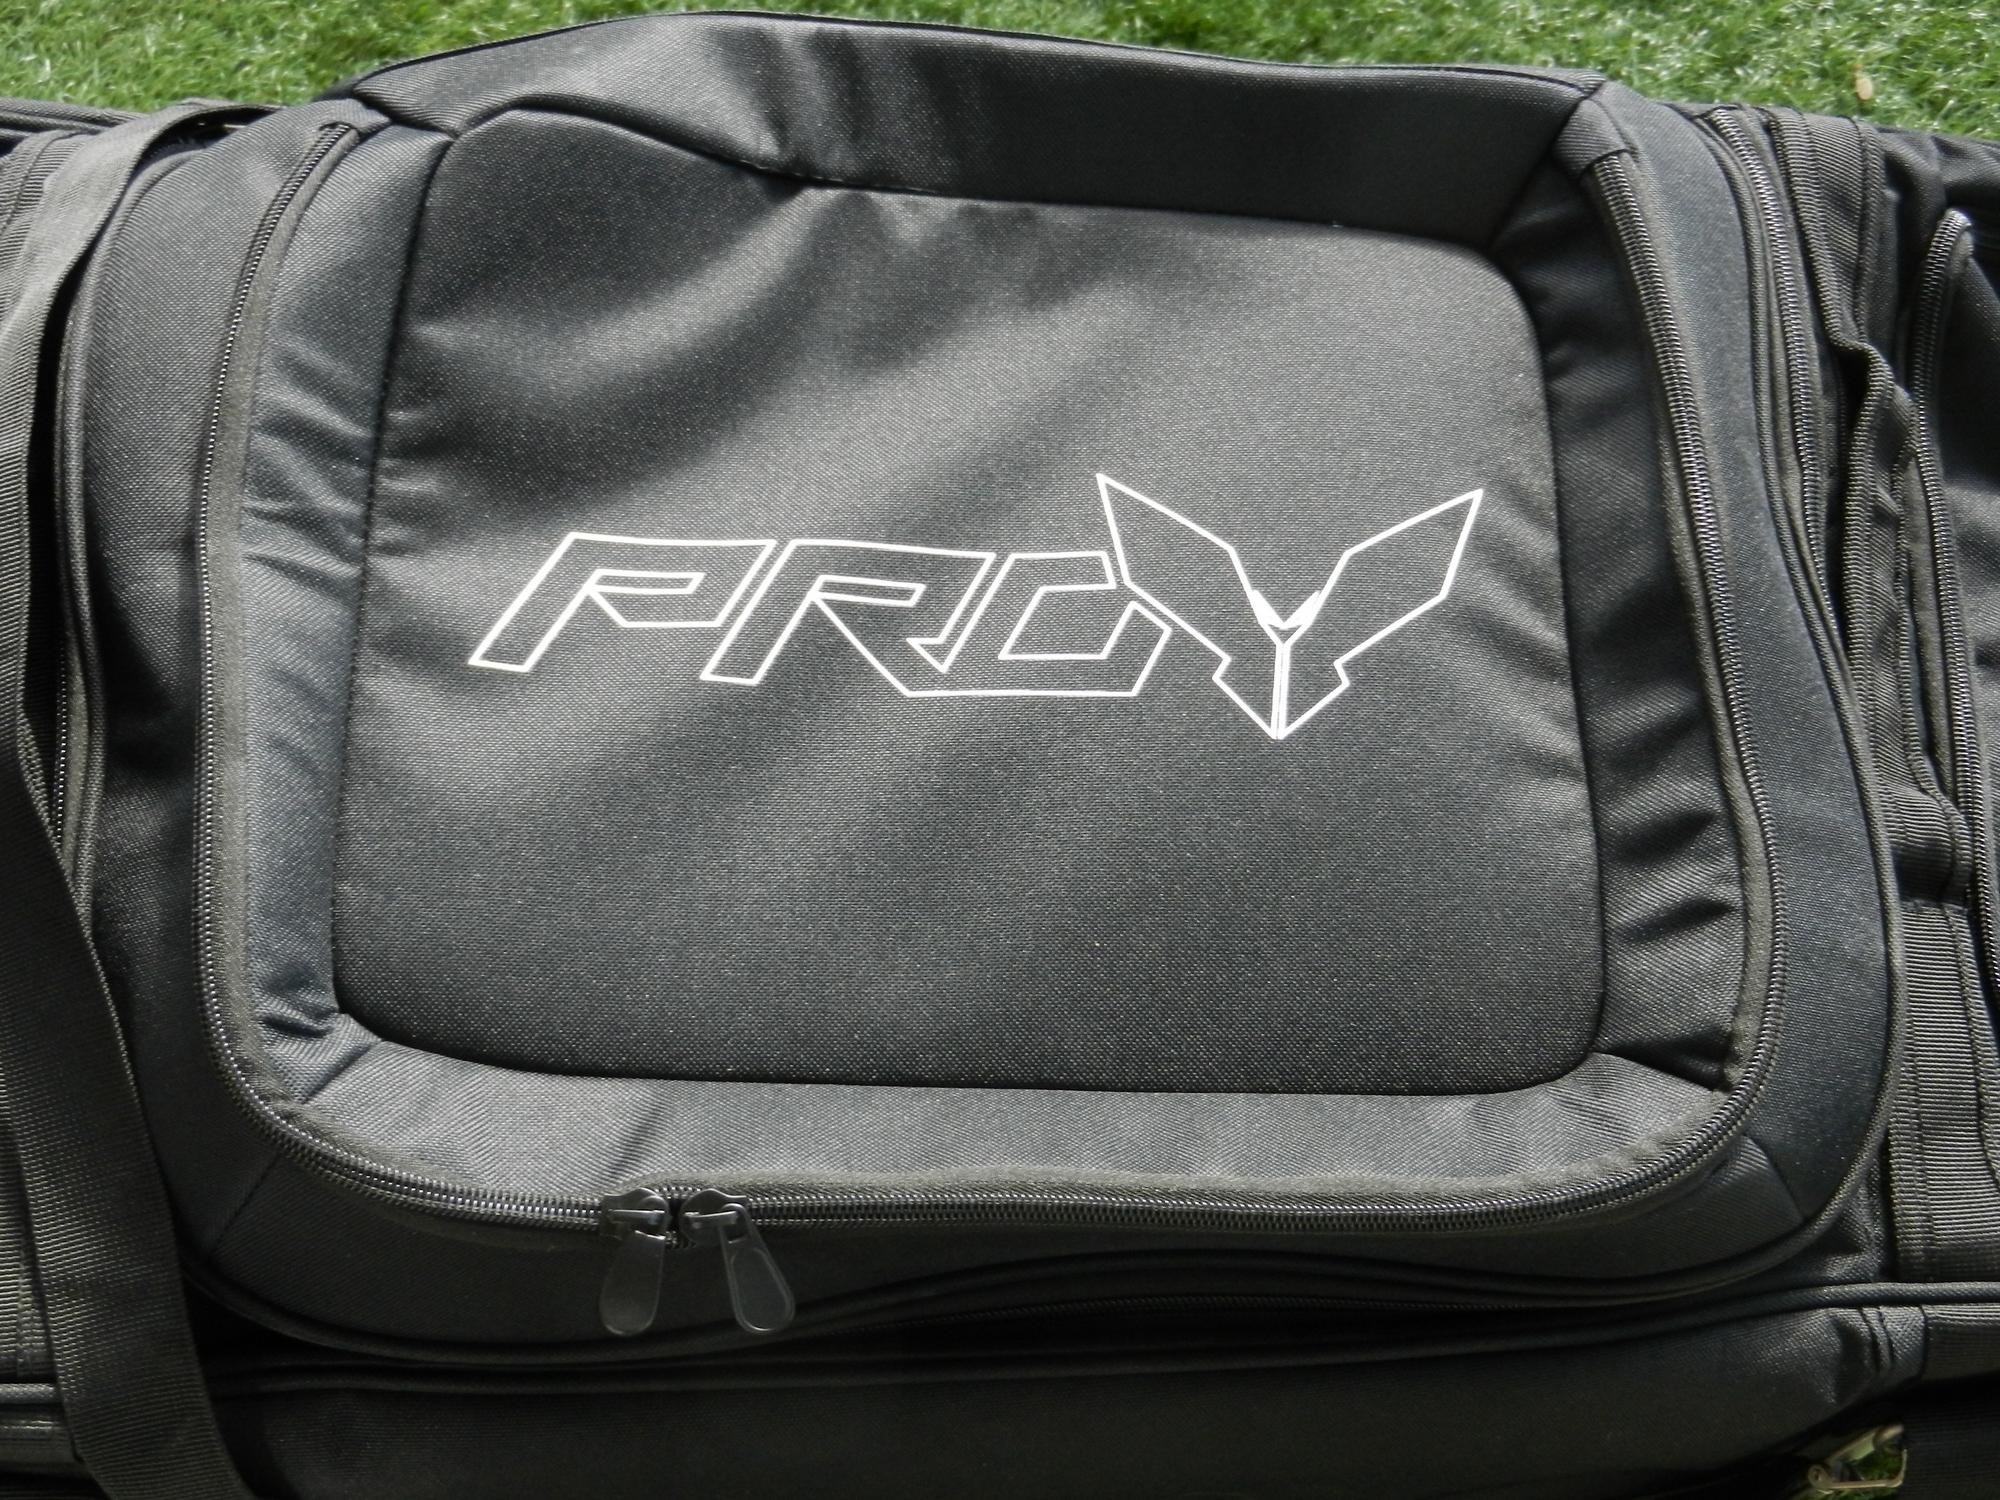 prov-bolsa de carga bolsillo superior